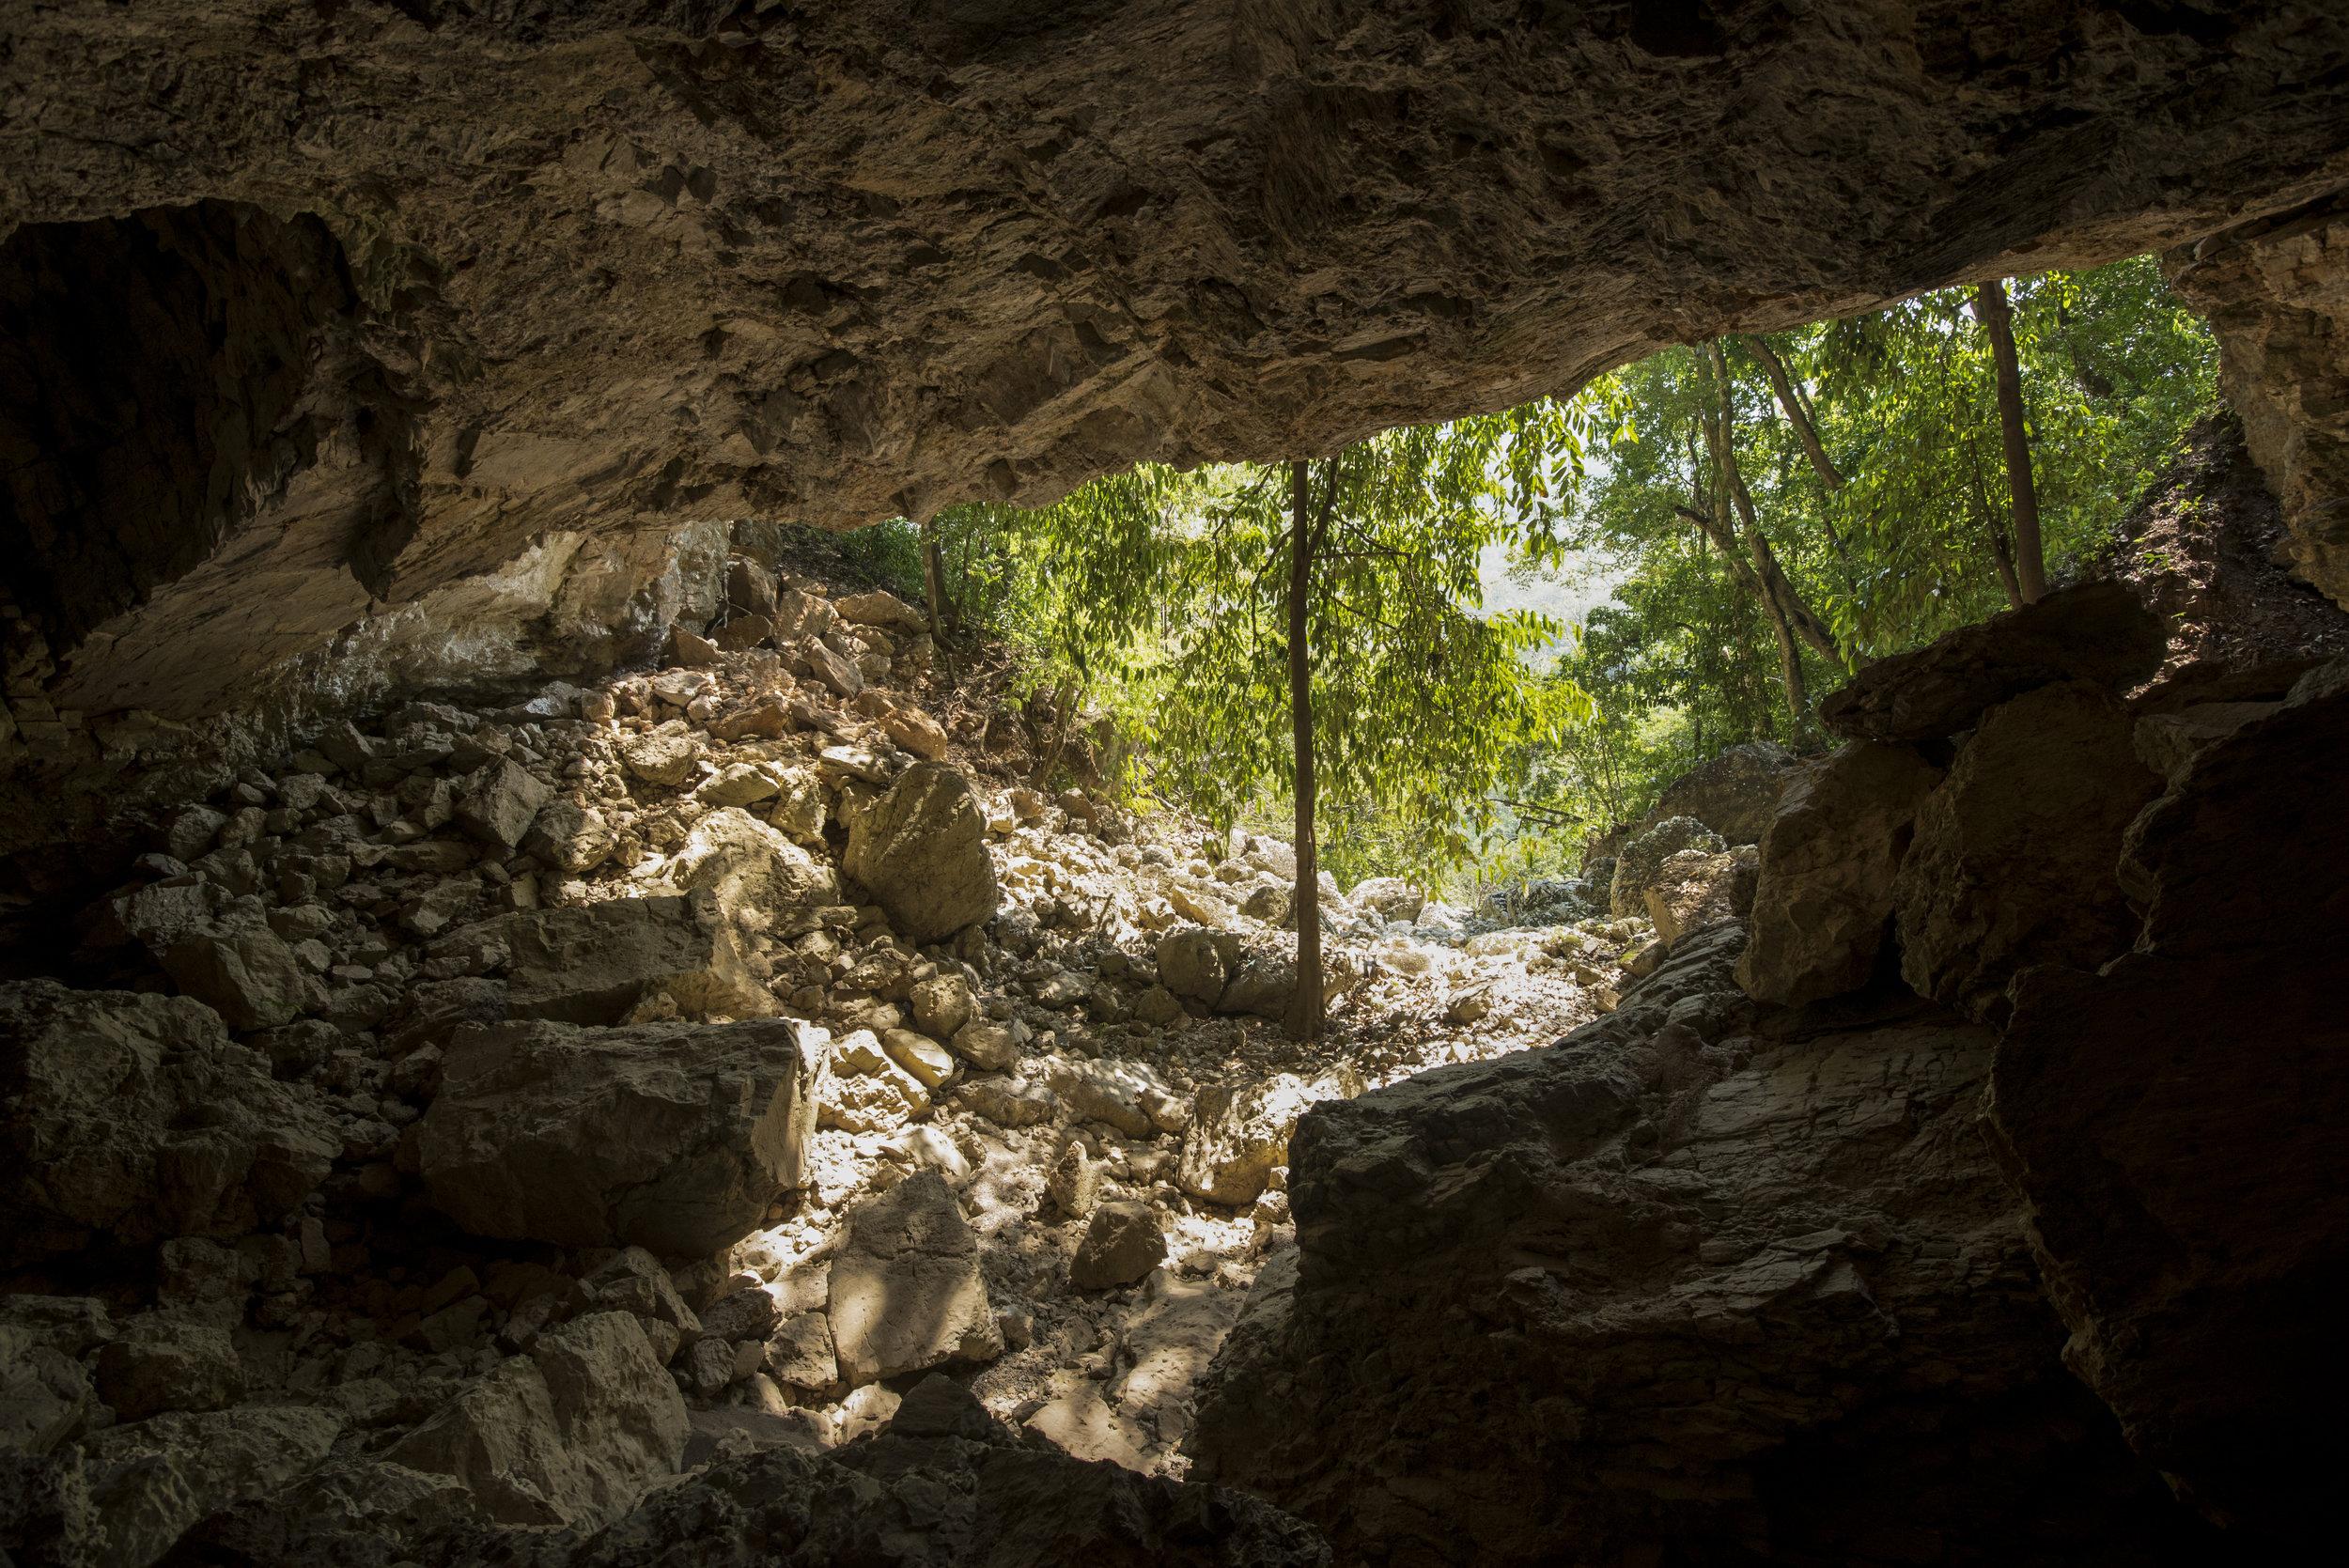 cueva-de-la-pena-colorada_27322821488_o.jpg